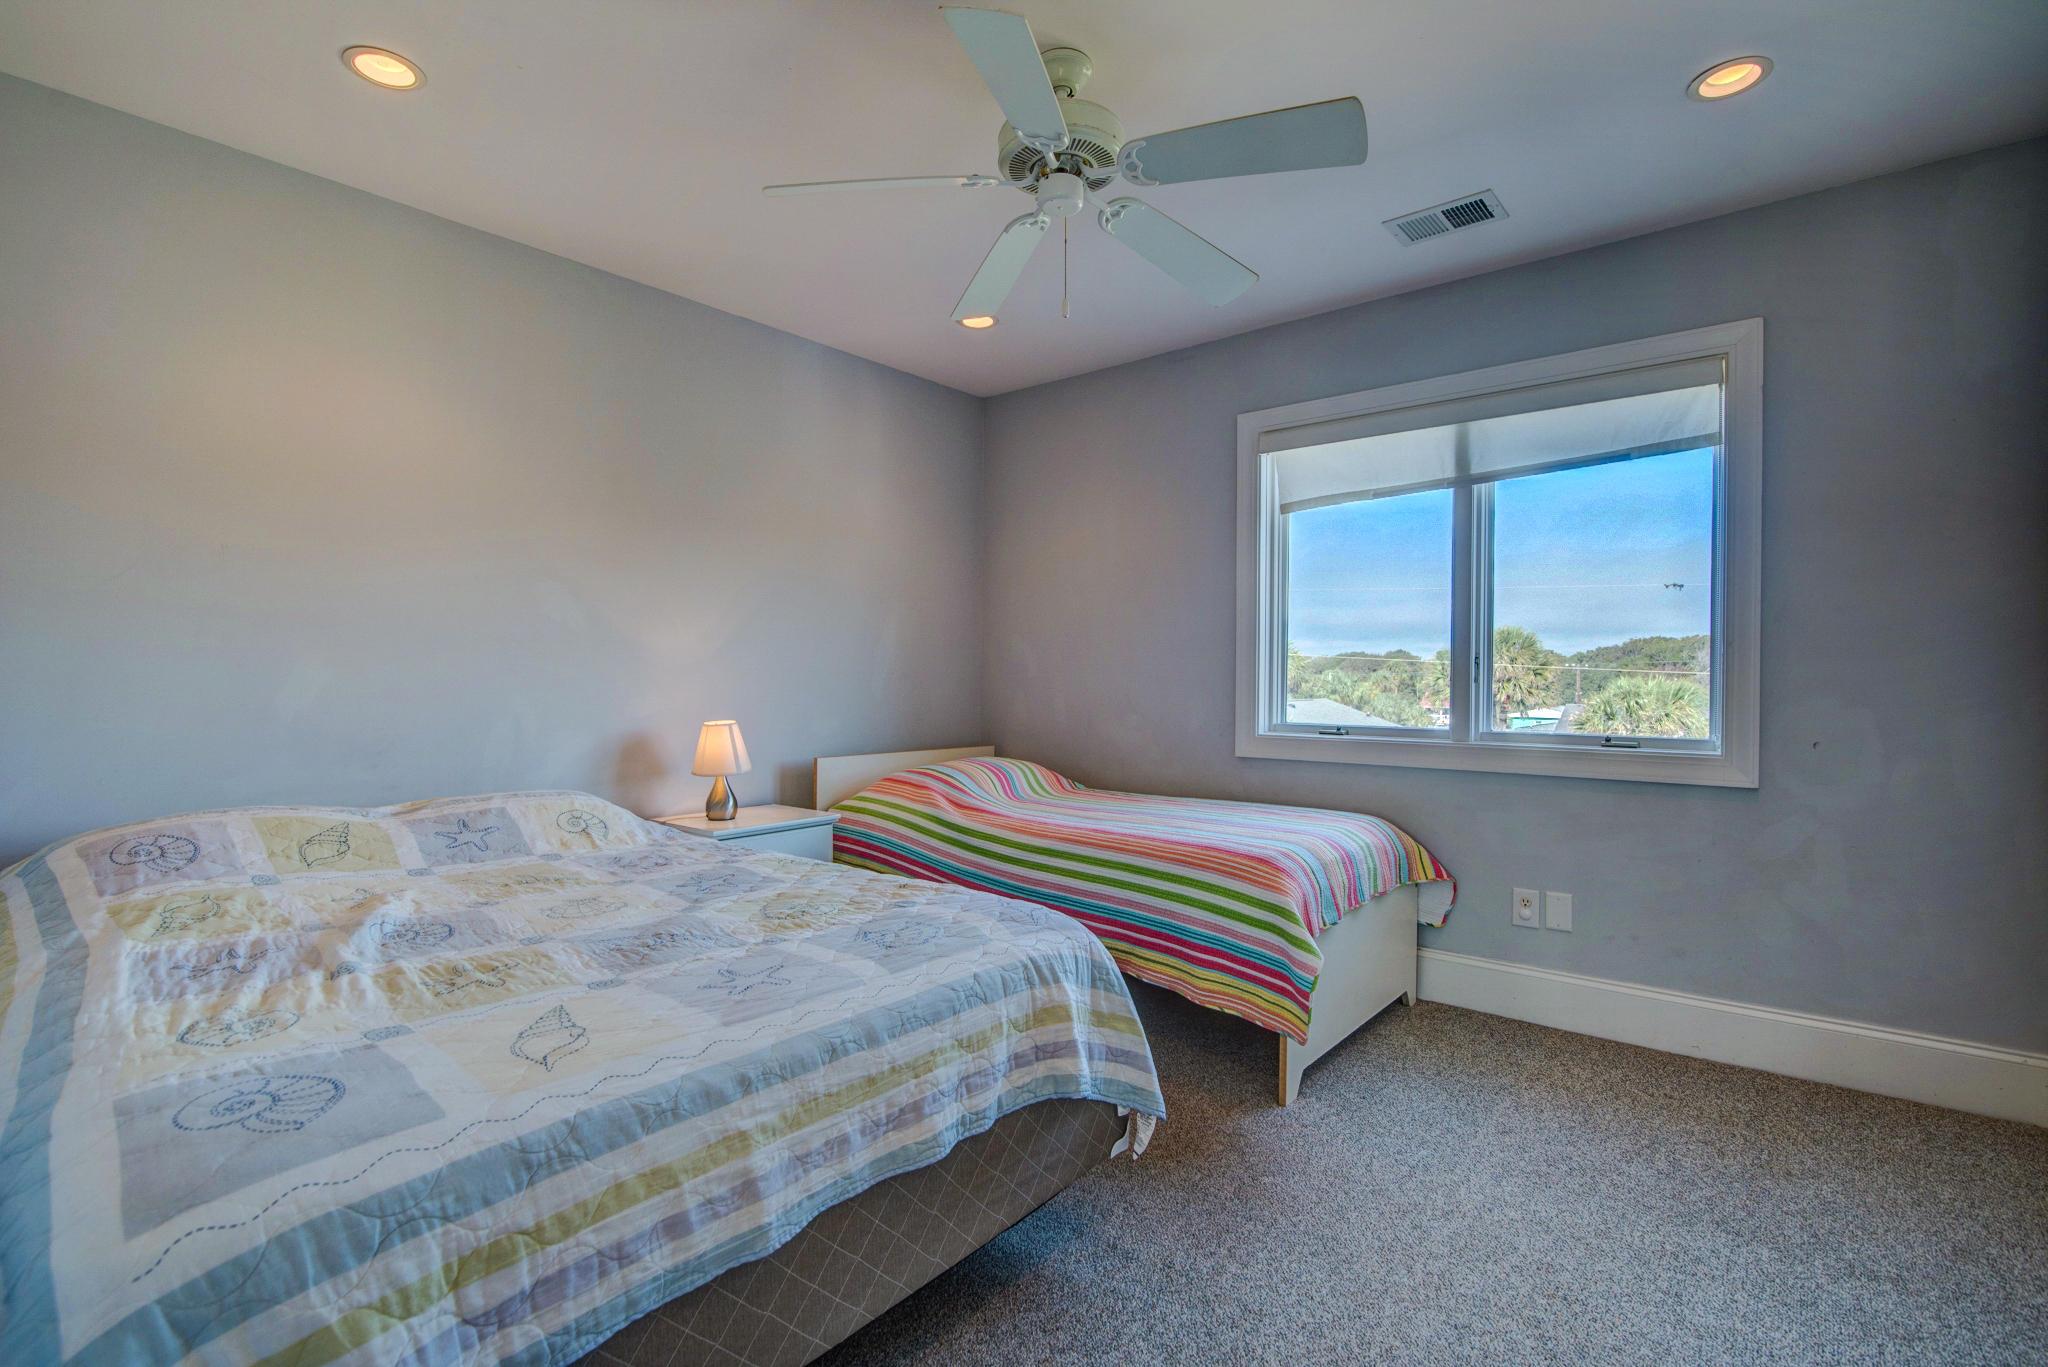 Folly Beach Homes For Sale - 319 Arctic, Folly Beach, SC - 30